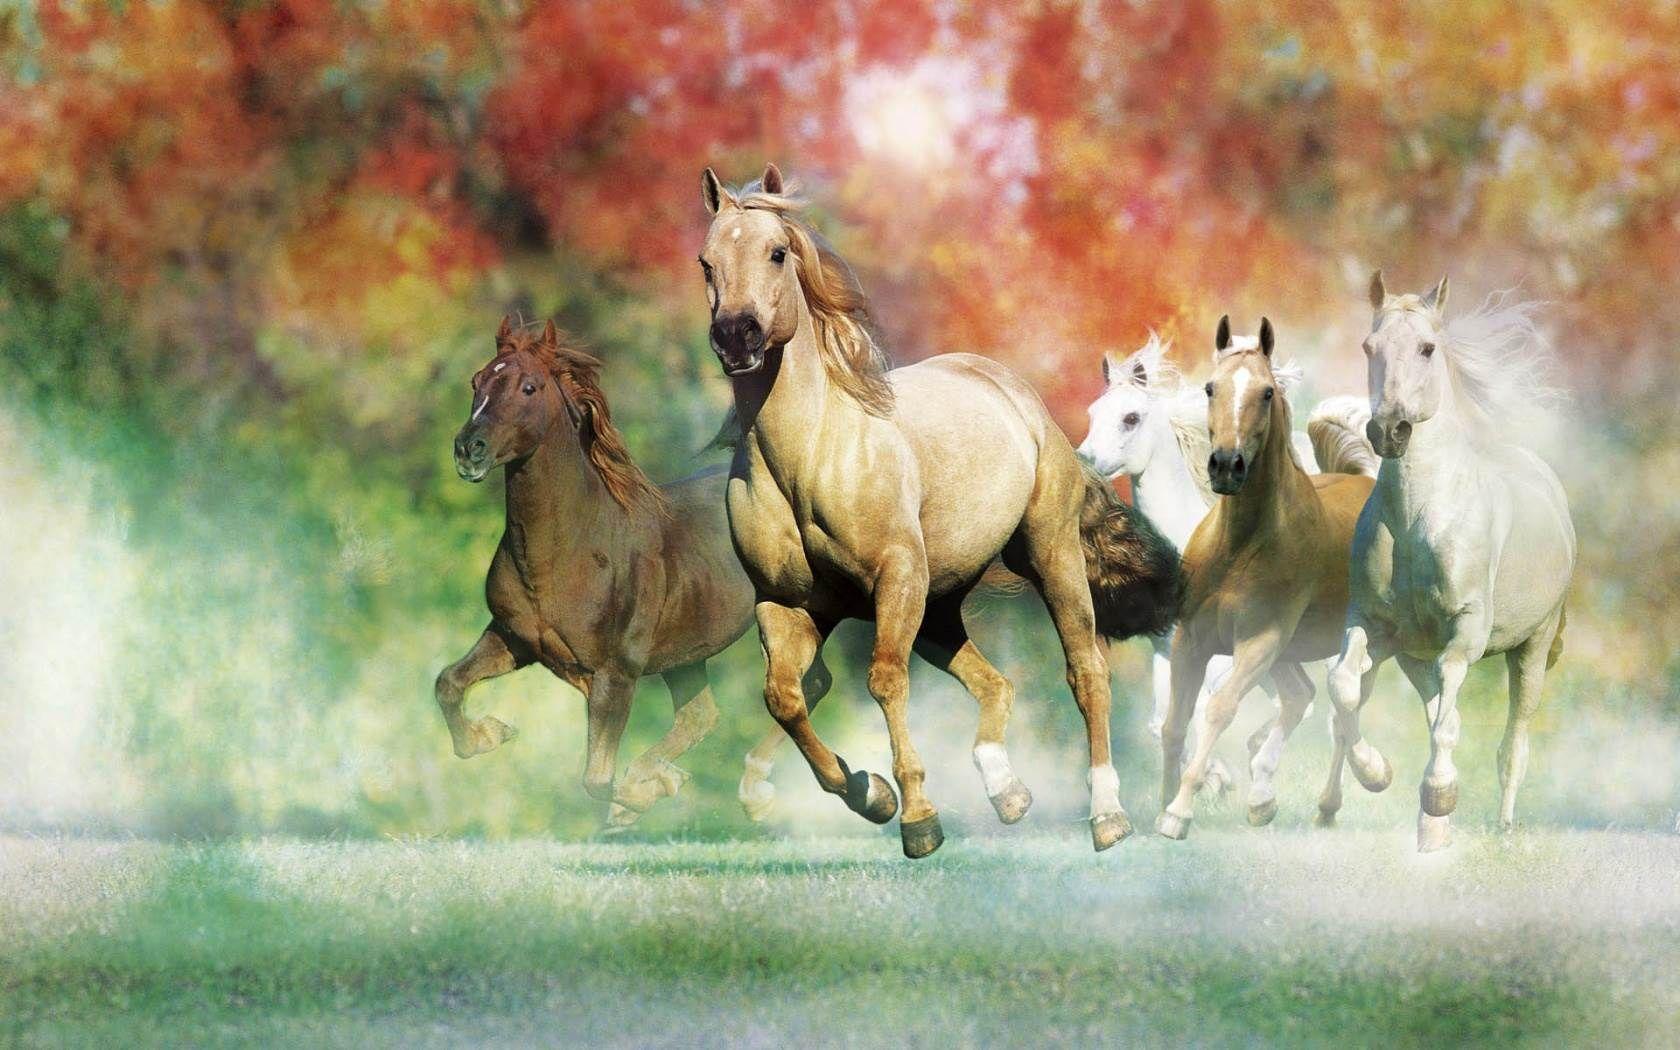 Must see Wallpaper Horse Watercolor - 89e0e440291550f355c9fe734f39160e  Pic_626850.jpg